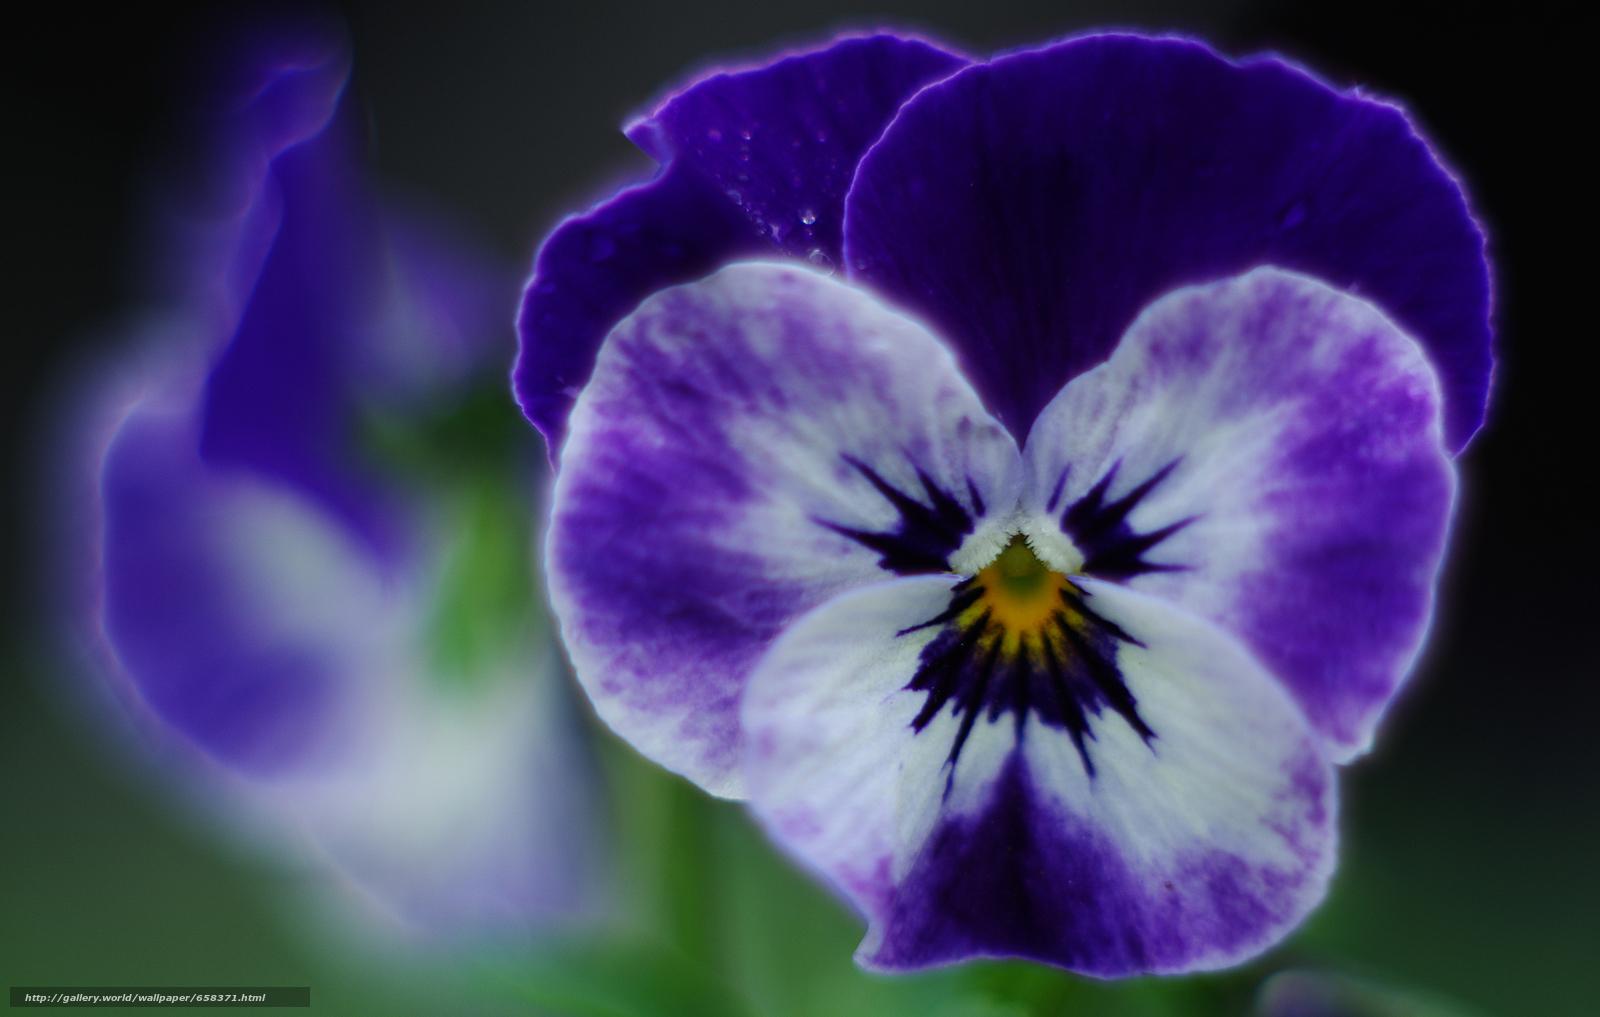 下载壁纸 花,  花卉,  植物群 免费为您的桌面分辨率的壁纸 4705x2990 — 图片 №658371